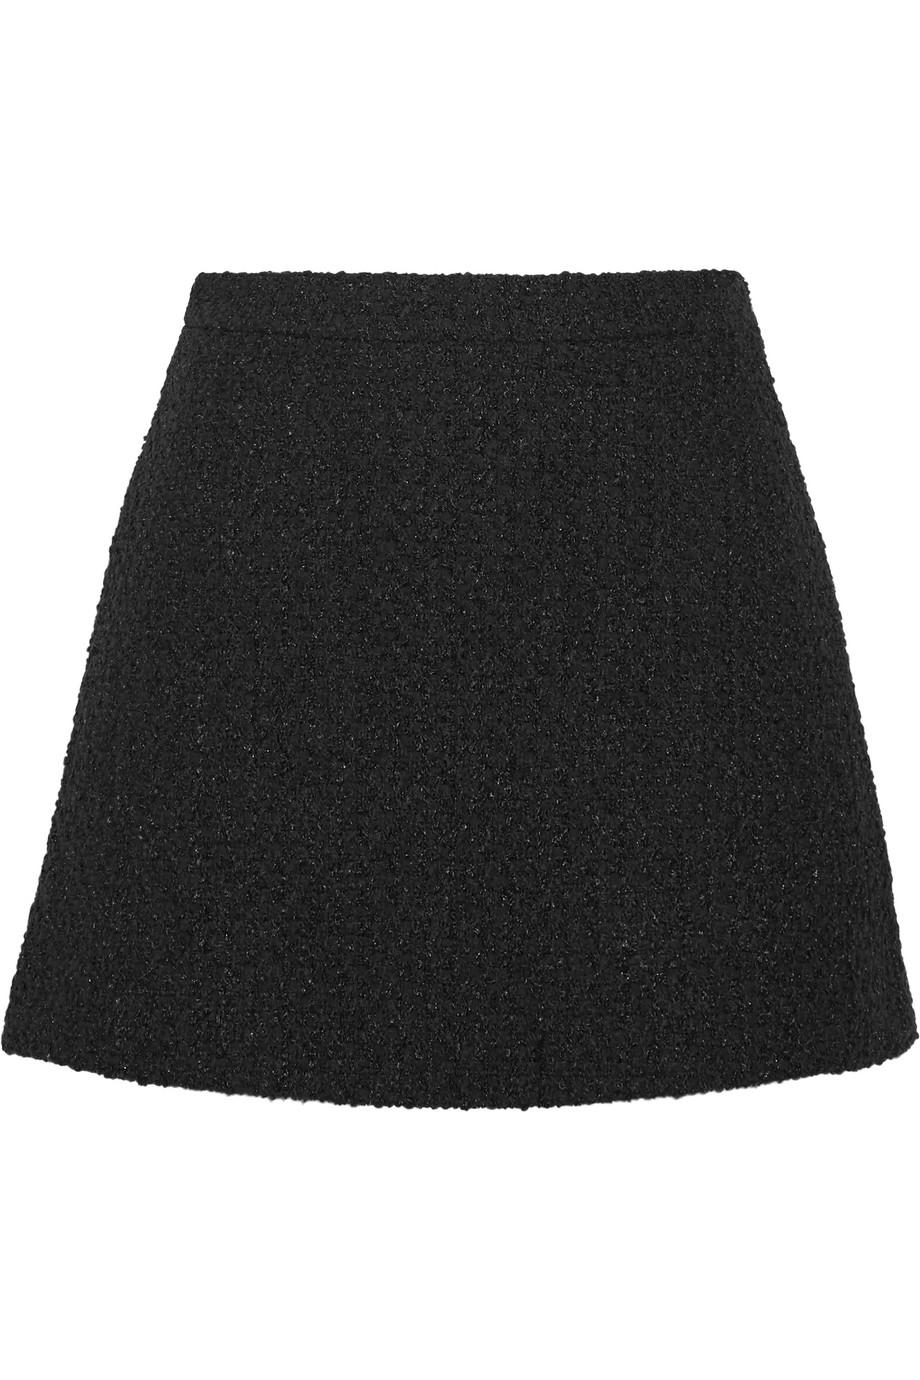 Gucci Tweed Mini Skirt, Black, Women's, Size: 48